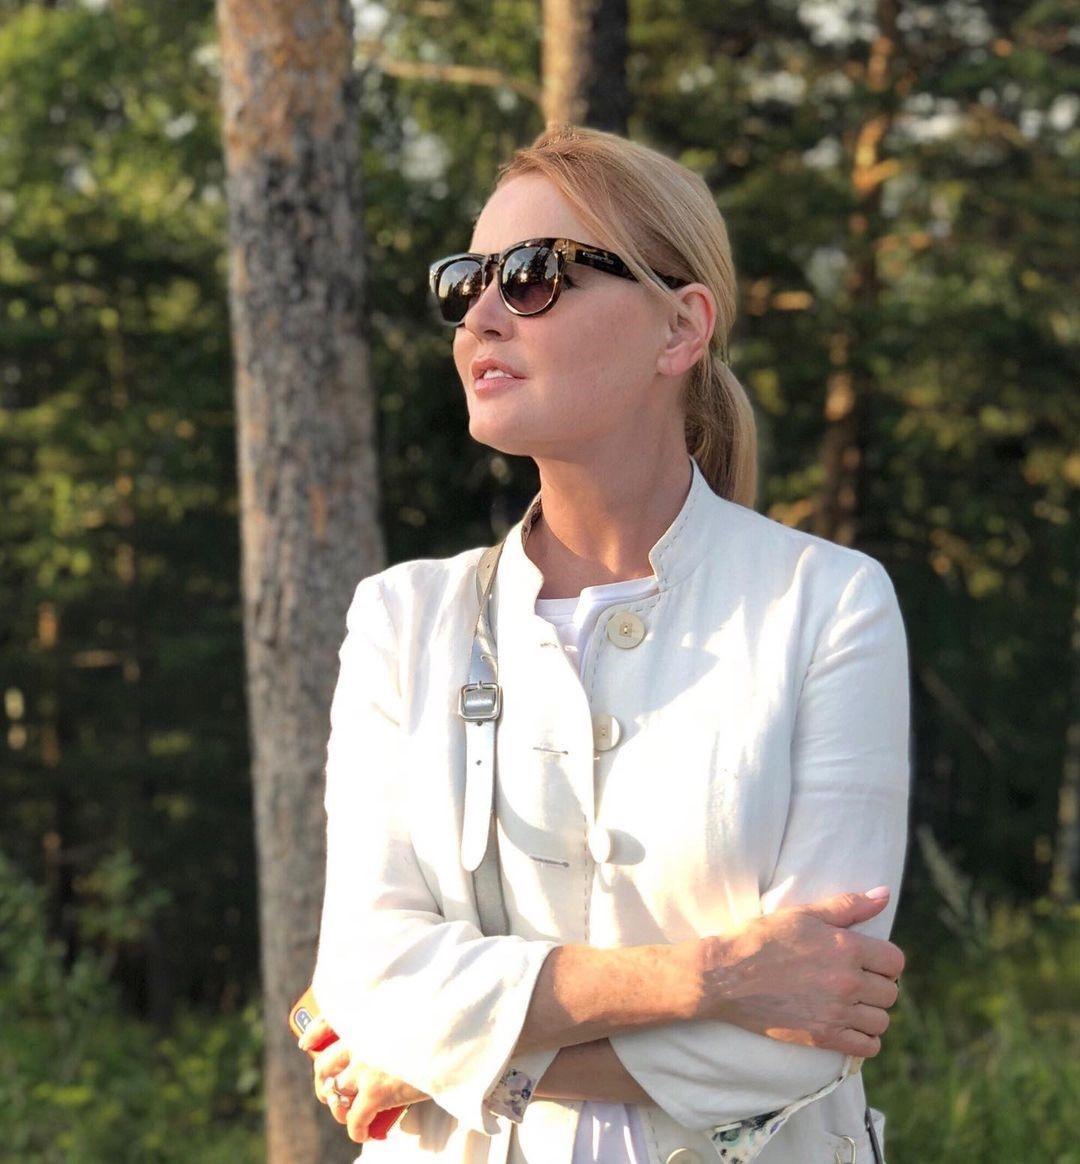 «Есть мало, медленно и красиво»: секреты молодости и красоты от телеведущей Ларисы Вербицкой